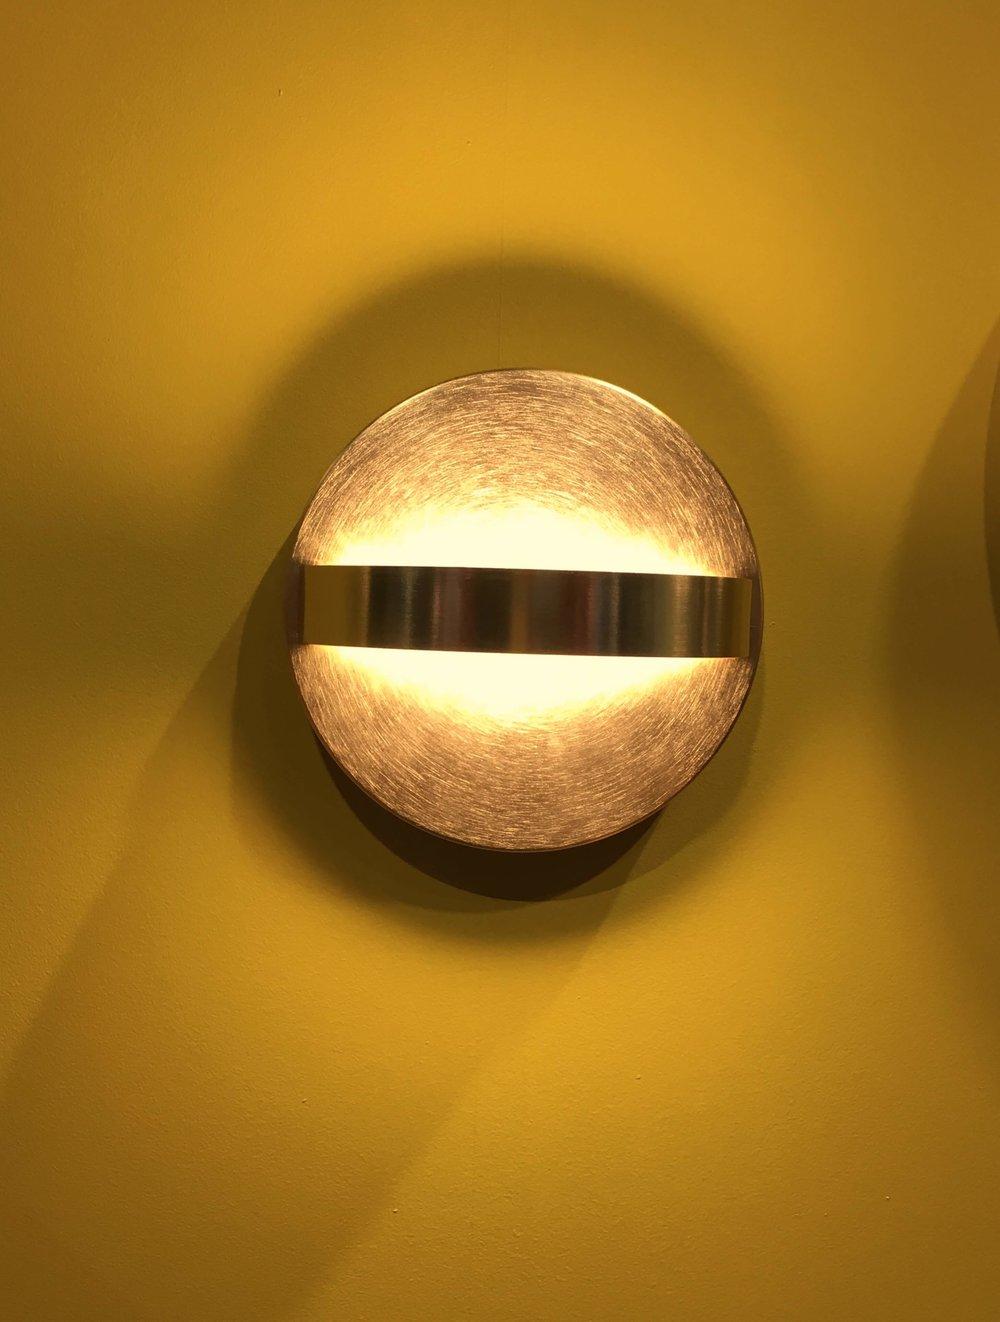 Plus Wandlampe von enostudio, Foto: U. Latzke